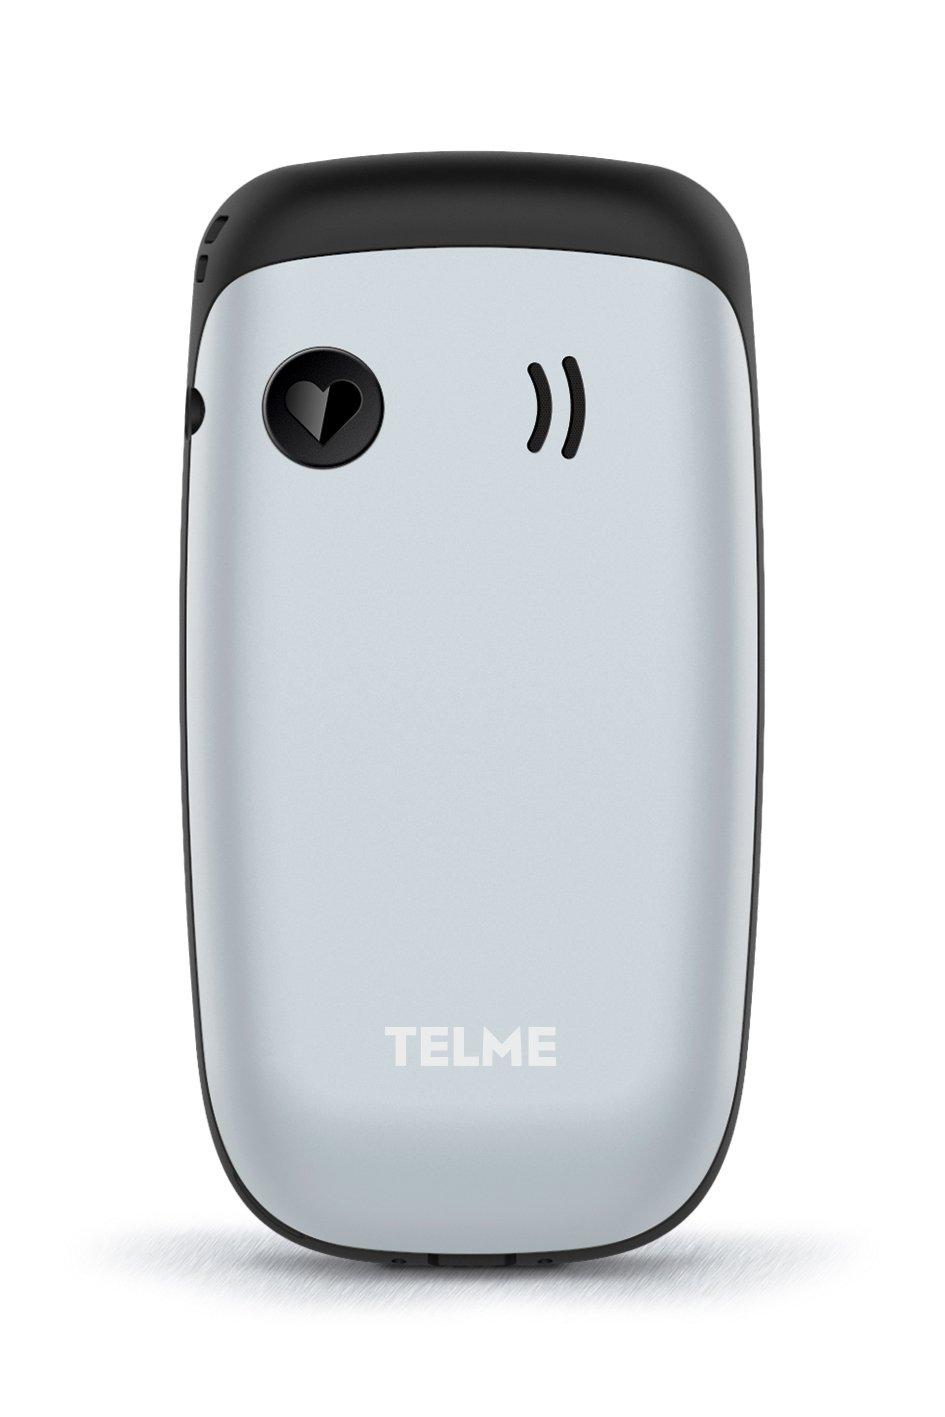 telmeklapp Teléfono Móvil, Dual SIM, bedienfreundlich, fácil Cámara, función de Emergencia